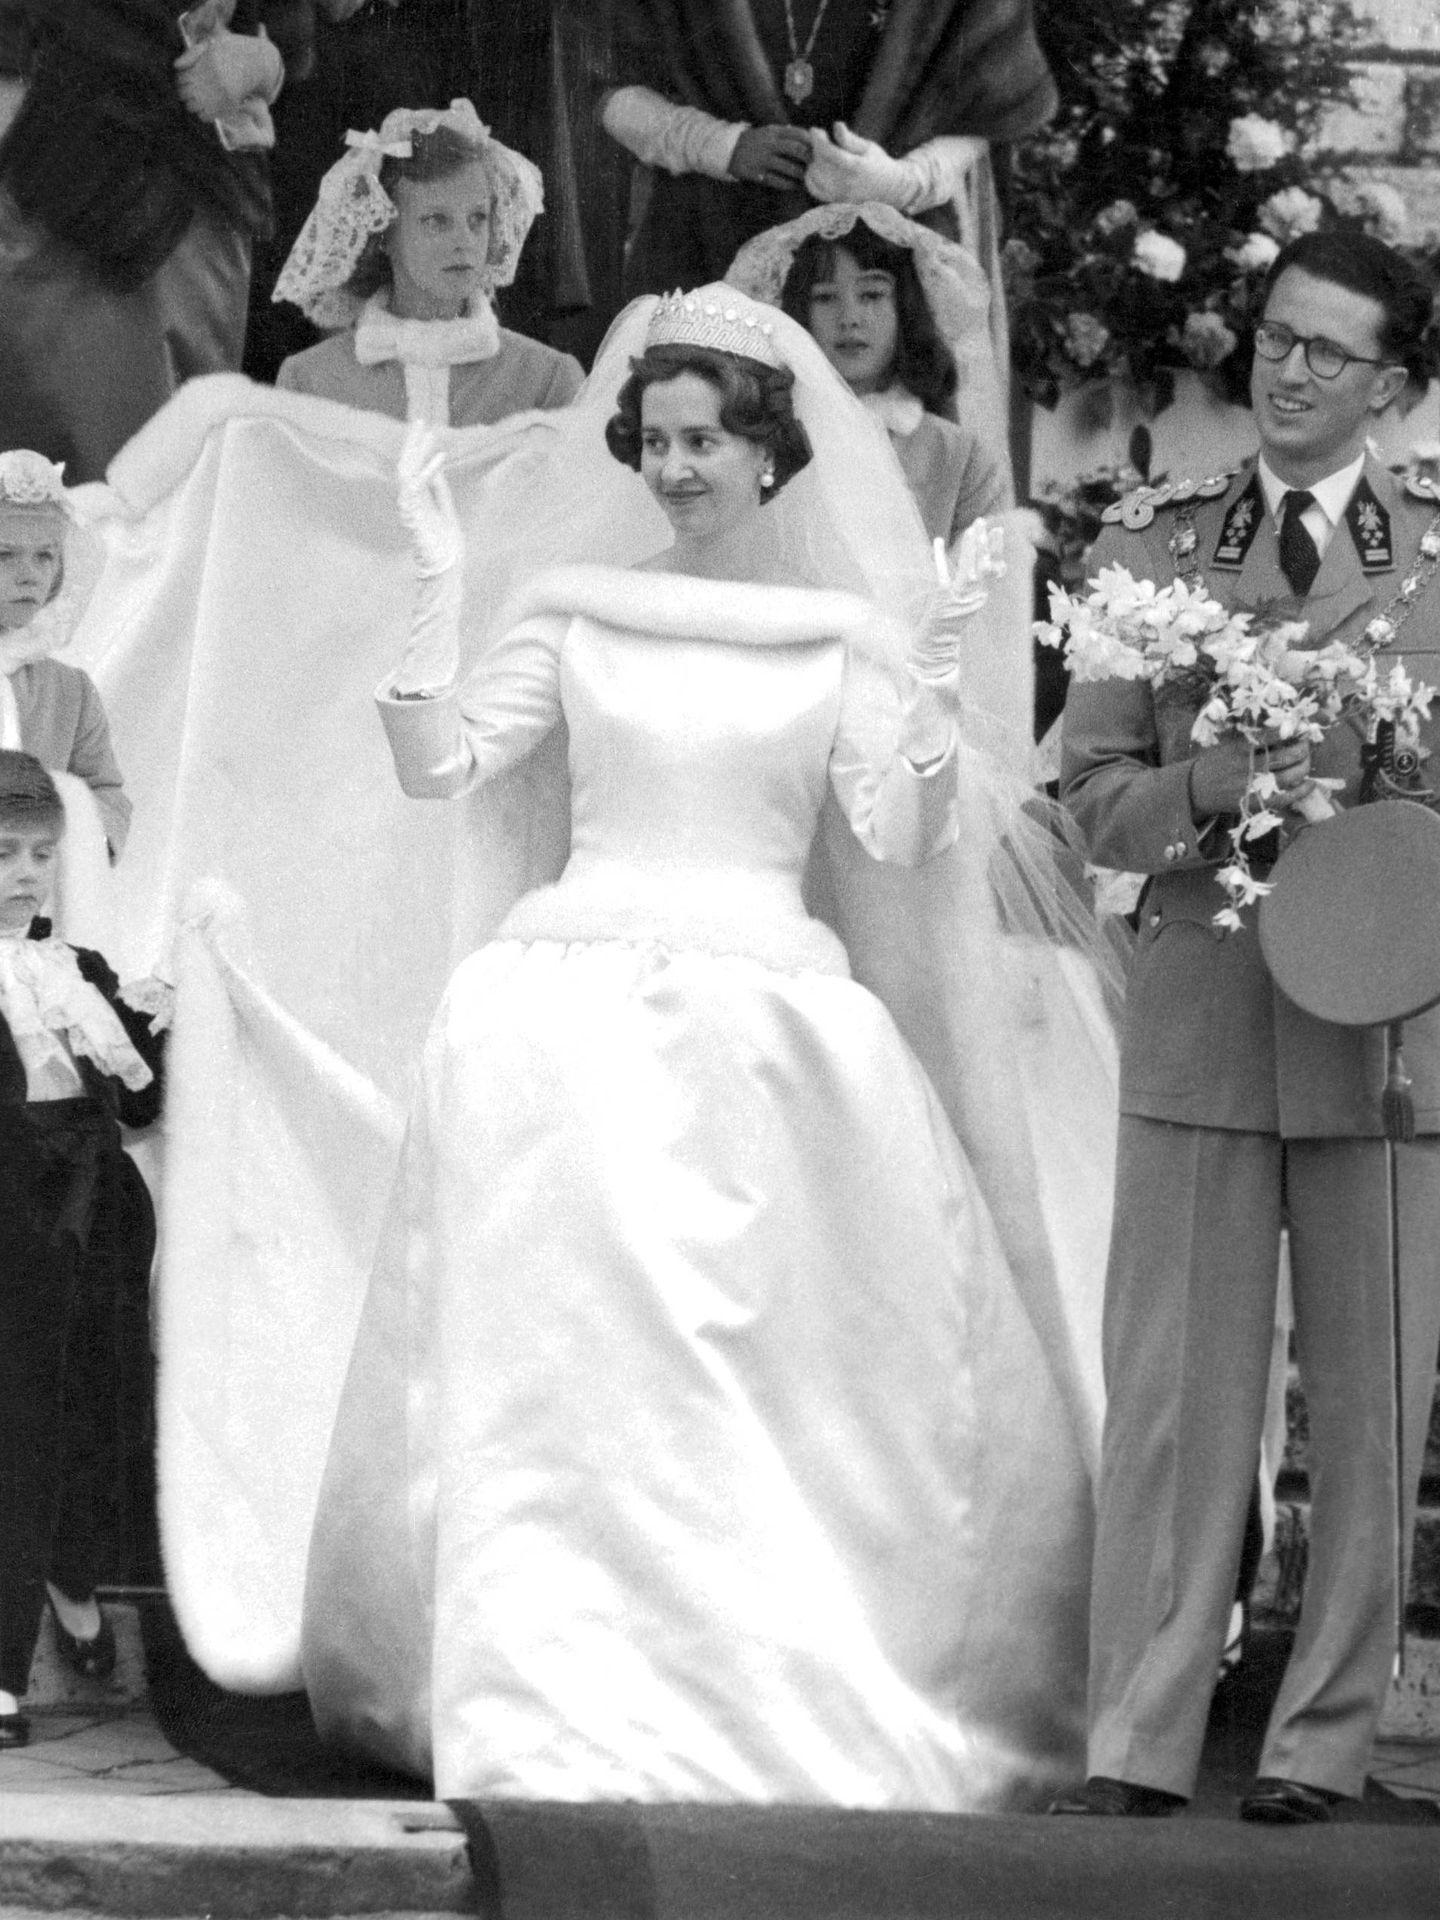 La boda de Balduino y Fabiola. (Cordon Press)